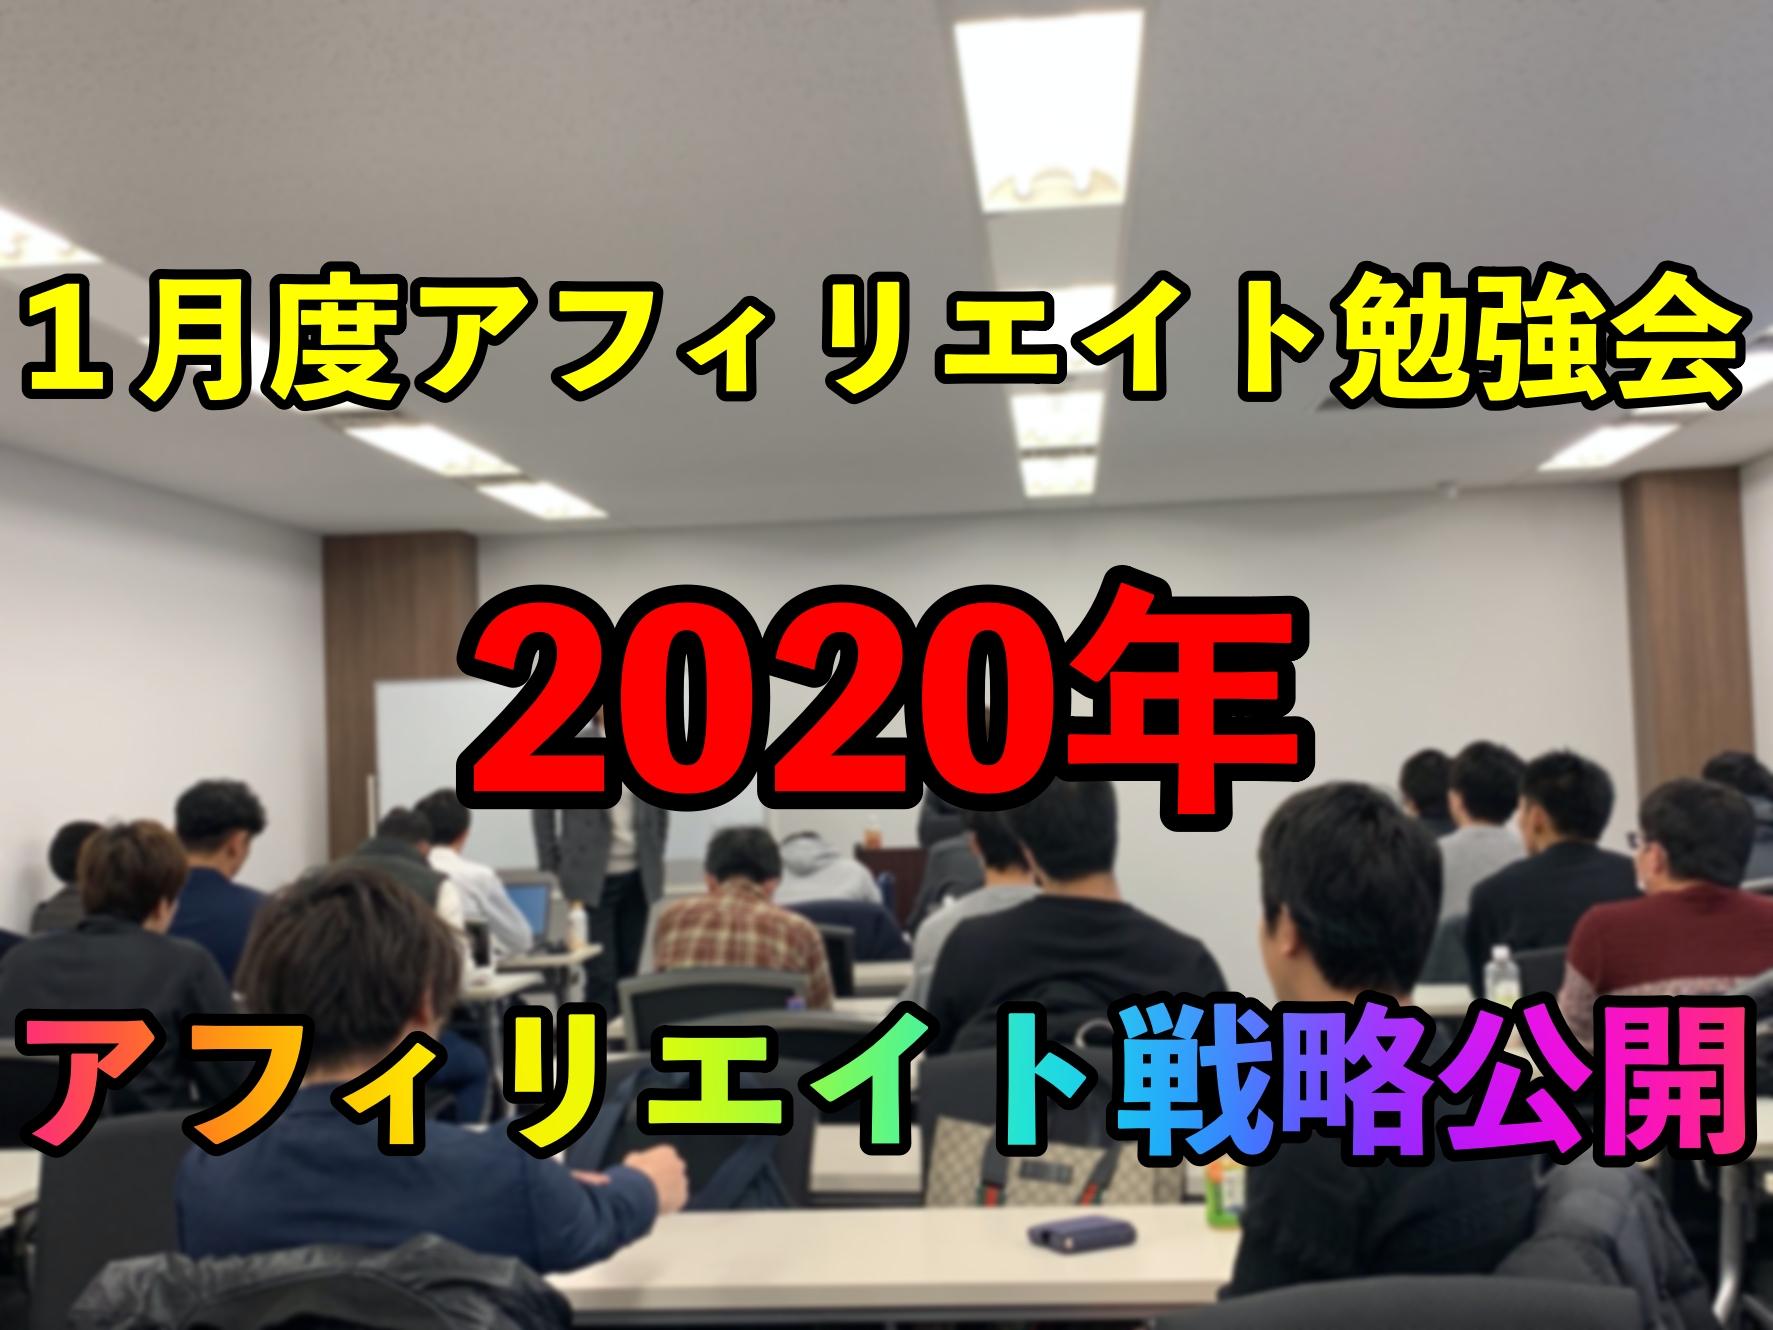 【1月度アフィリエイト勉強会開催】2020年アフィリエイト戦略公開!